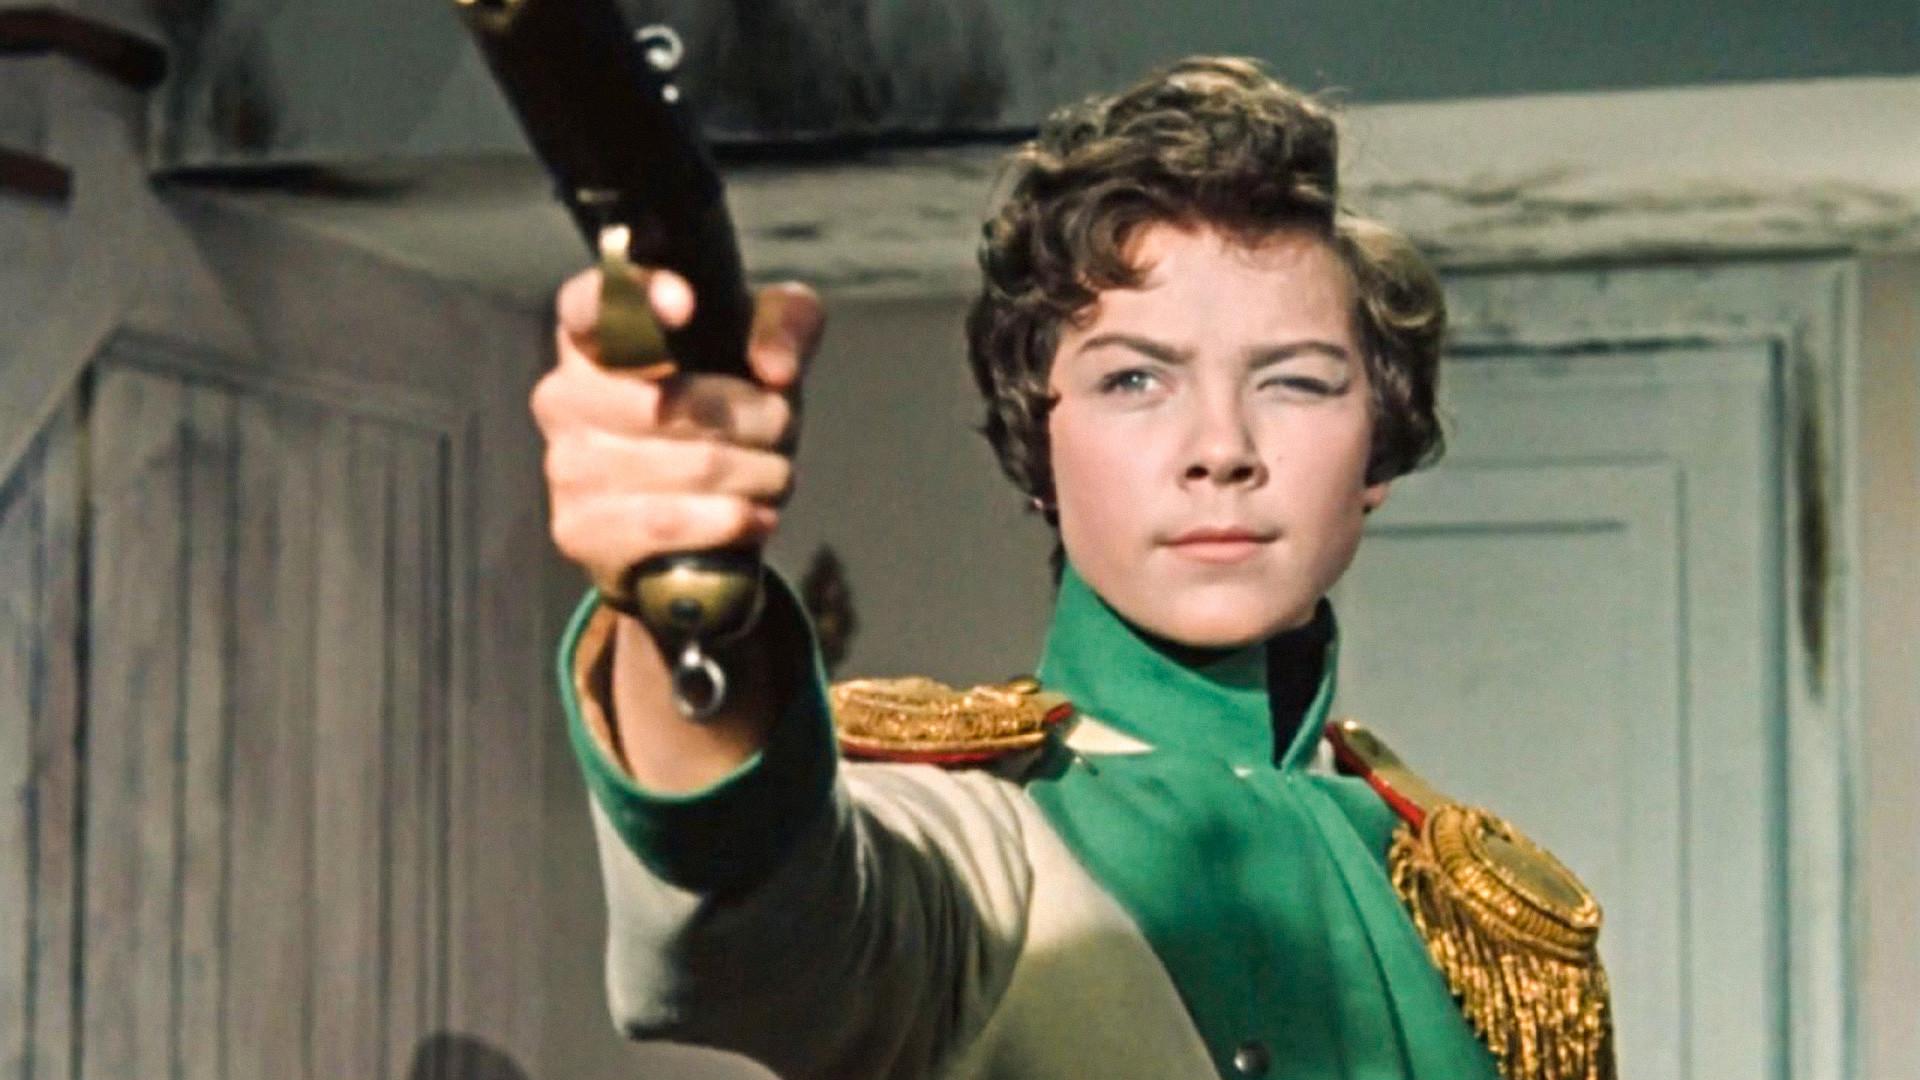 """Сюжет """"Гусарской баллады"""" напоминает биографию Дуровой, но создатели фильма (и пьесы) отрицают, что кавалерист-девица была прототипом героини Шурочки Азаровой"""